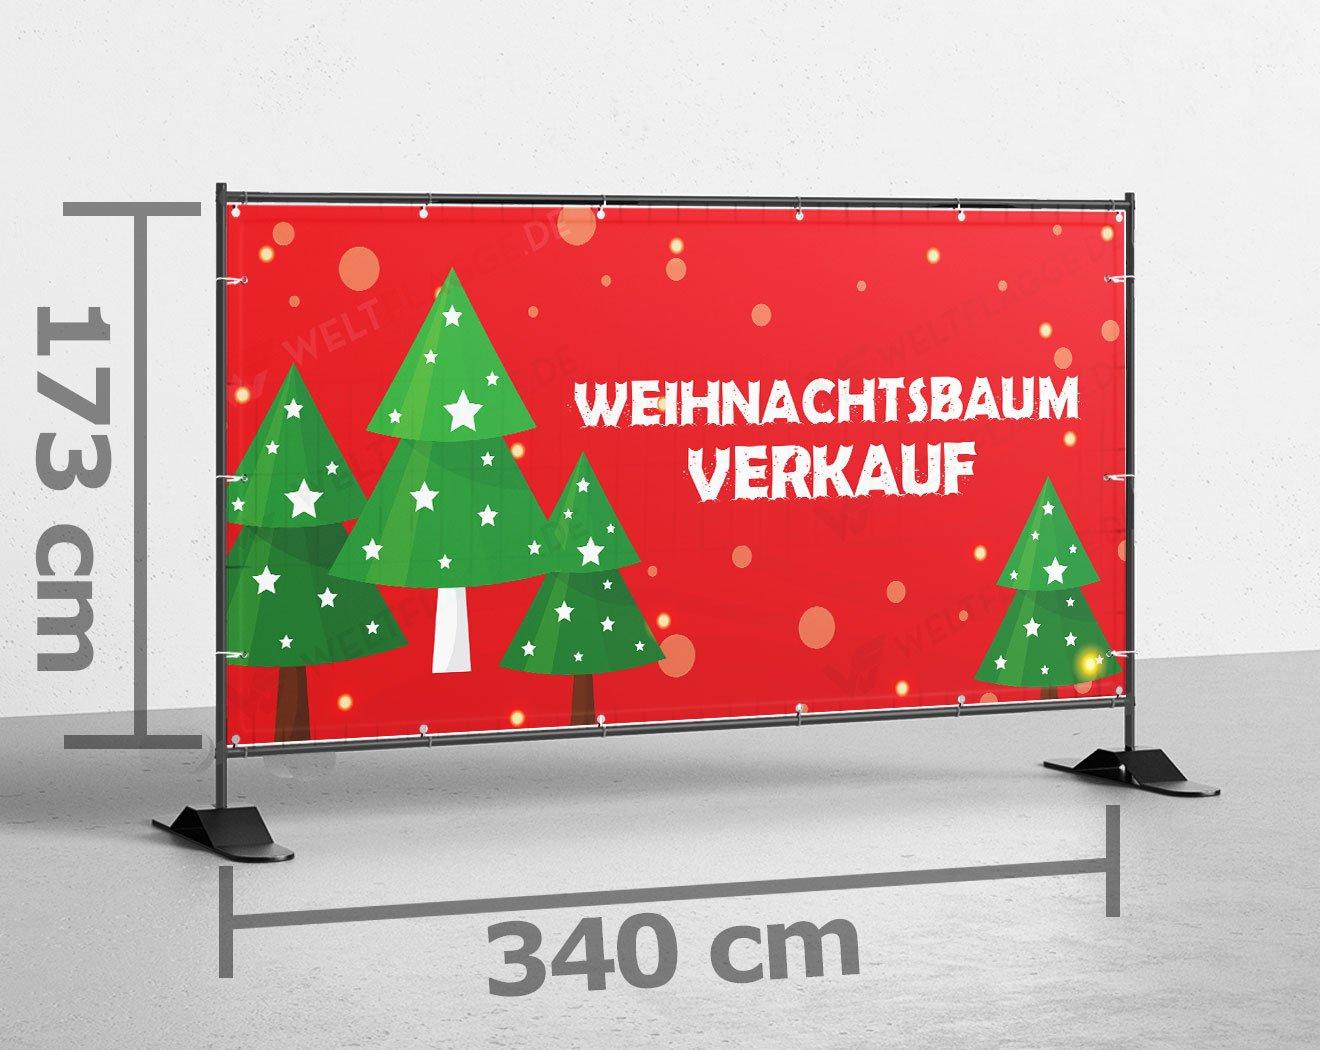 Weihnachtsbaum Verkauf Bauzaunbanner bedrucken lassen